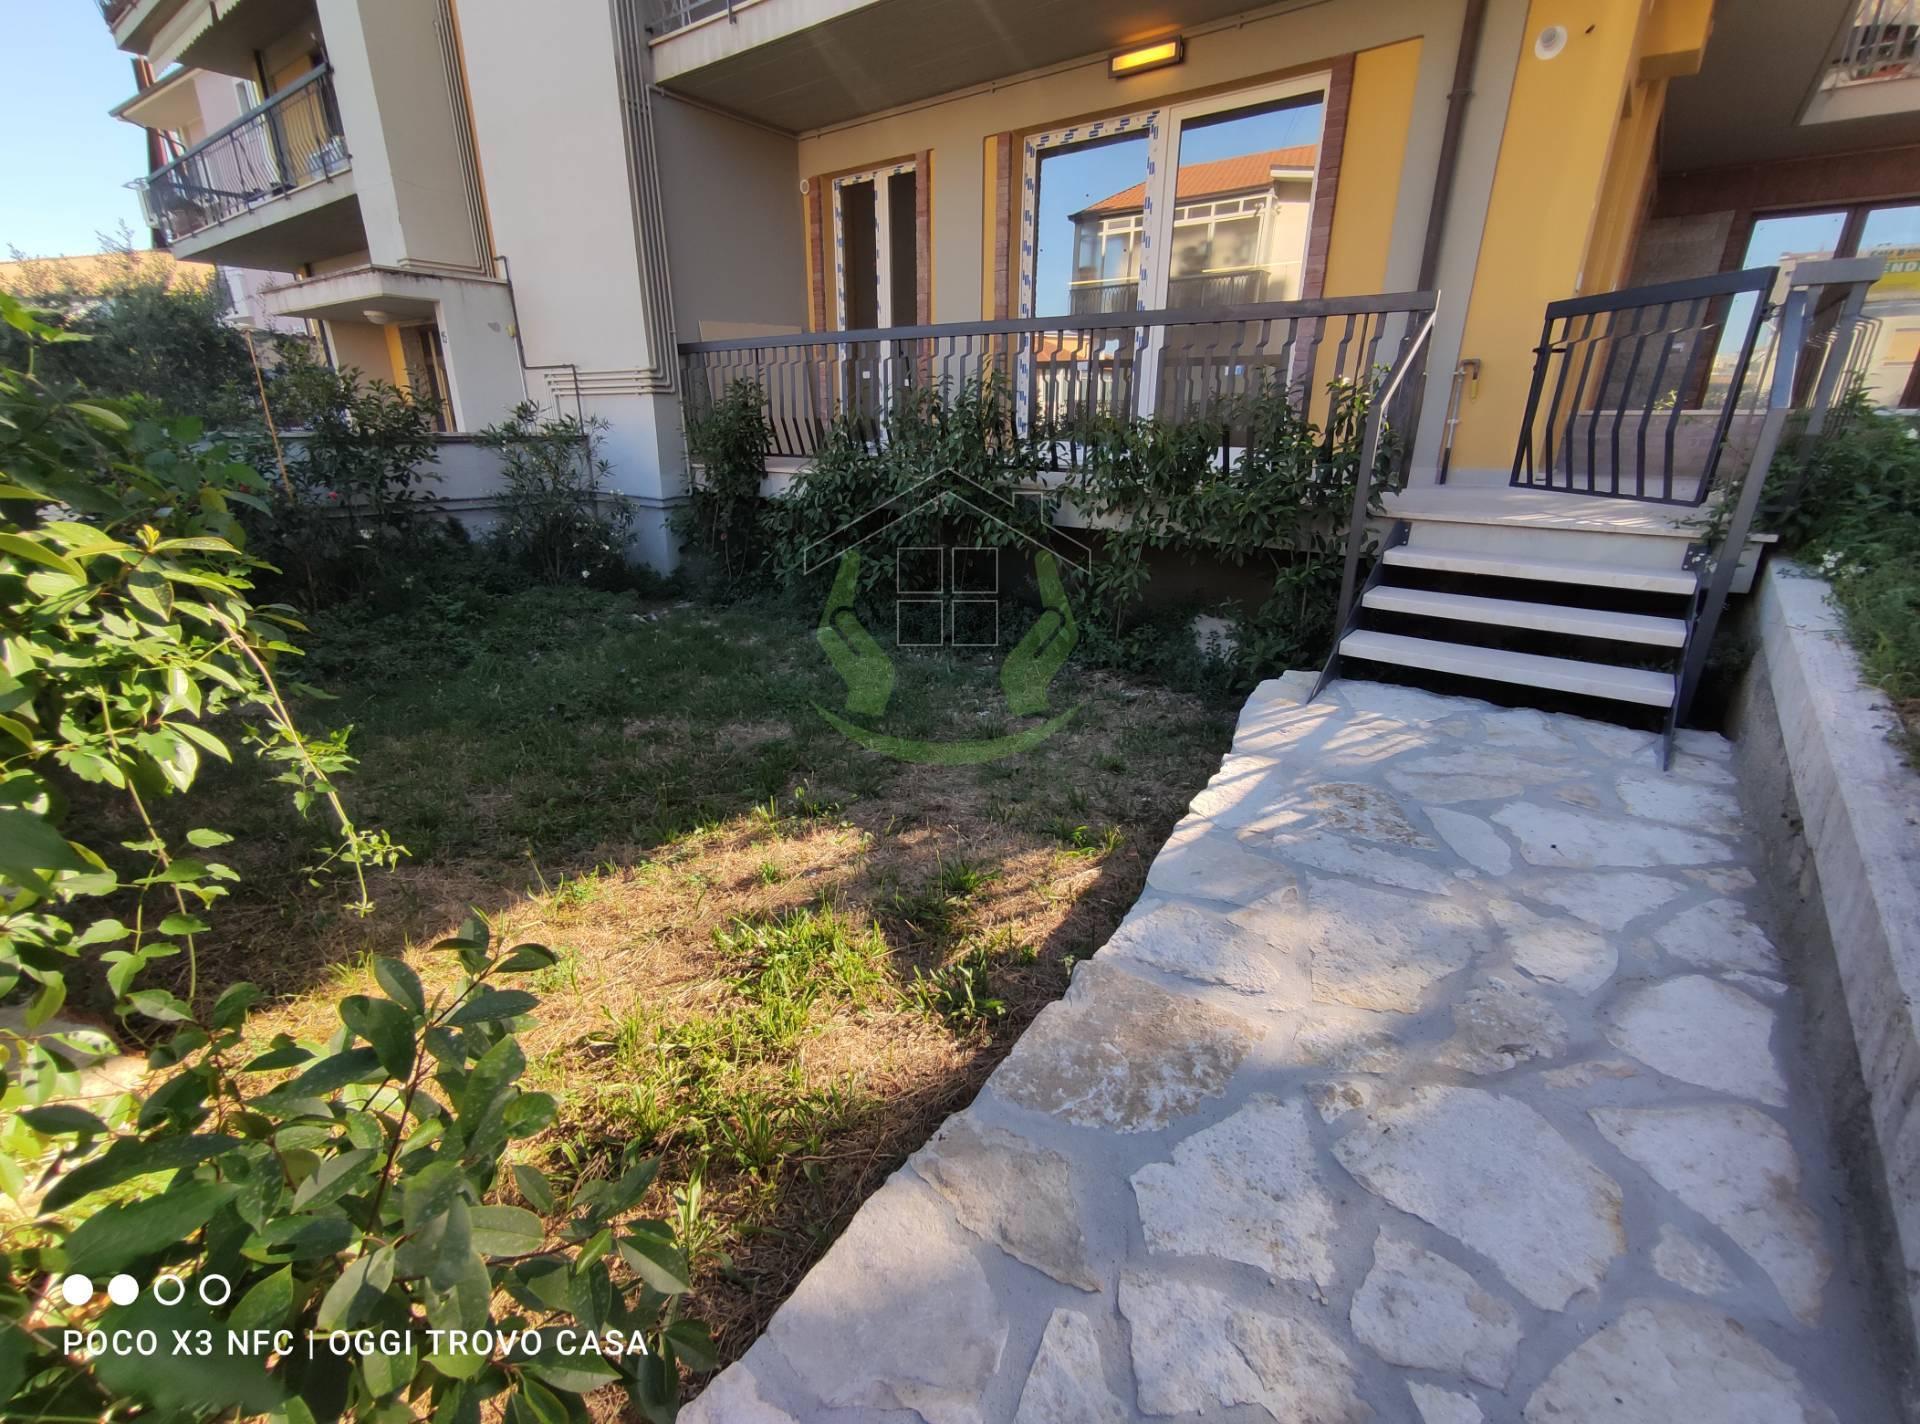 Appartamento in vendita a Monsampolo del Tronto, 3 locali, zona Località: StelladiMonsampolo, prezzo € 139.000   PortaleAgenzieImmobiliari.it